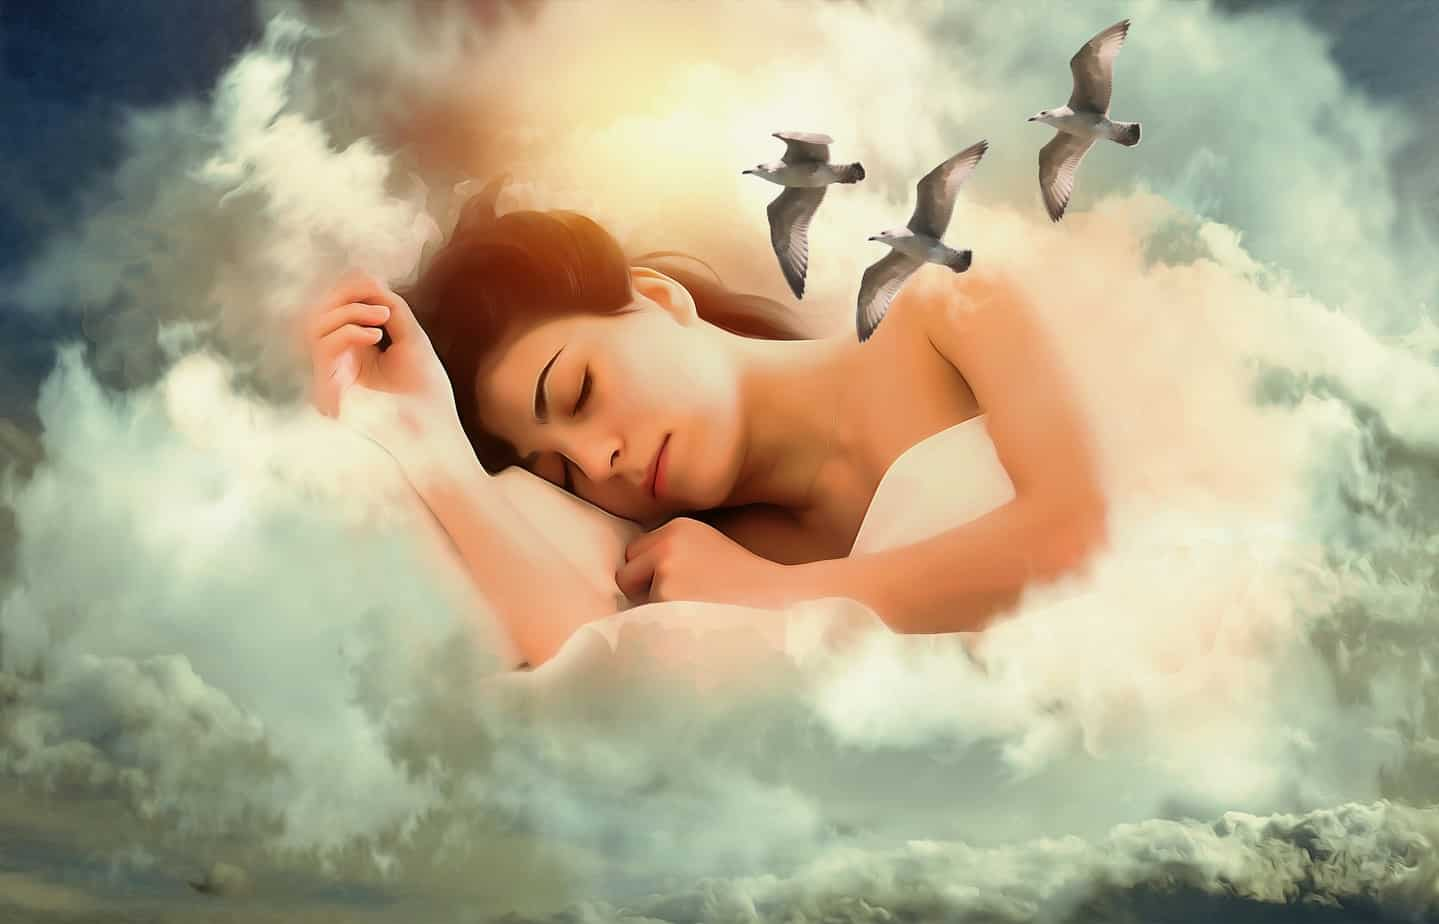 Les meilleures façons de dormir profondément en faisant de beaux rêves